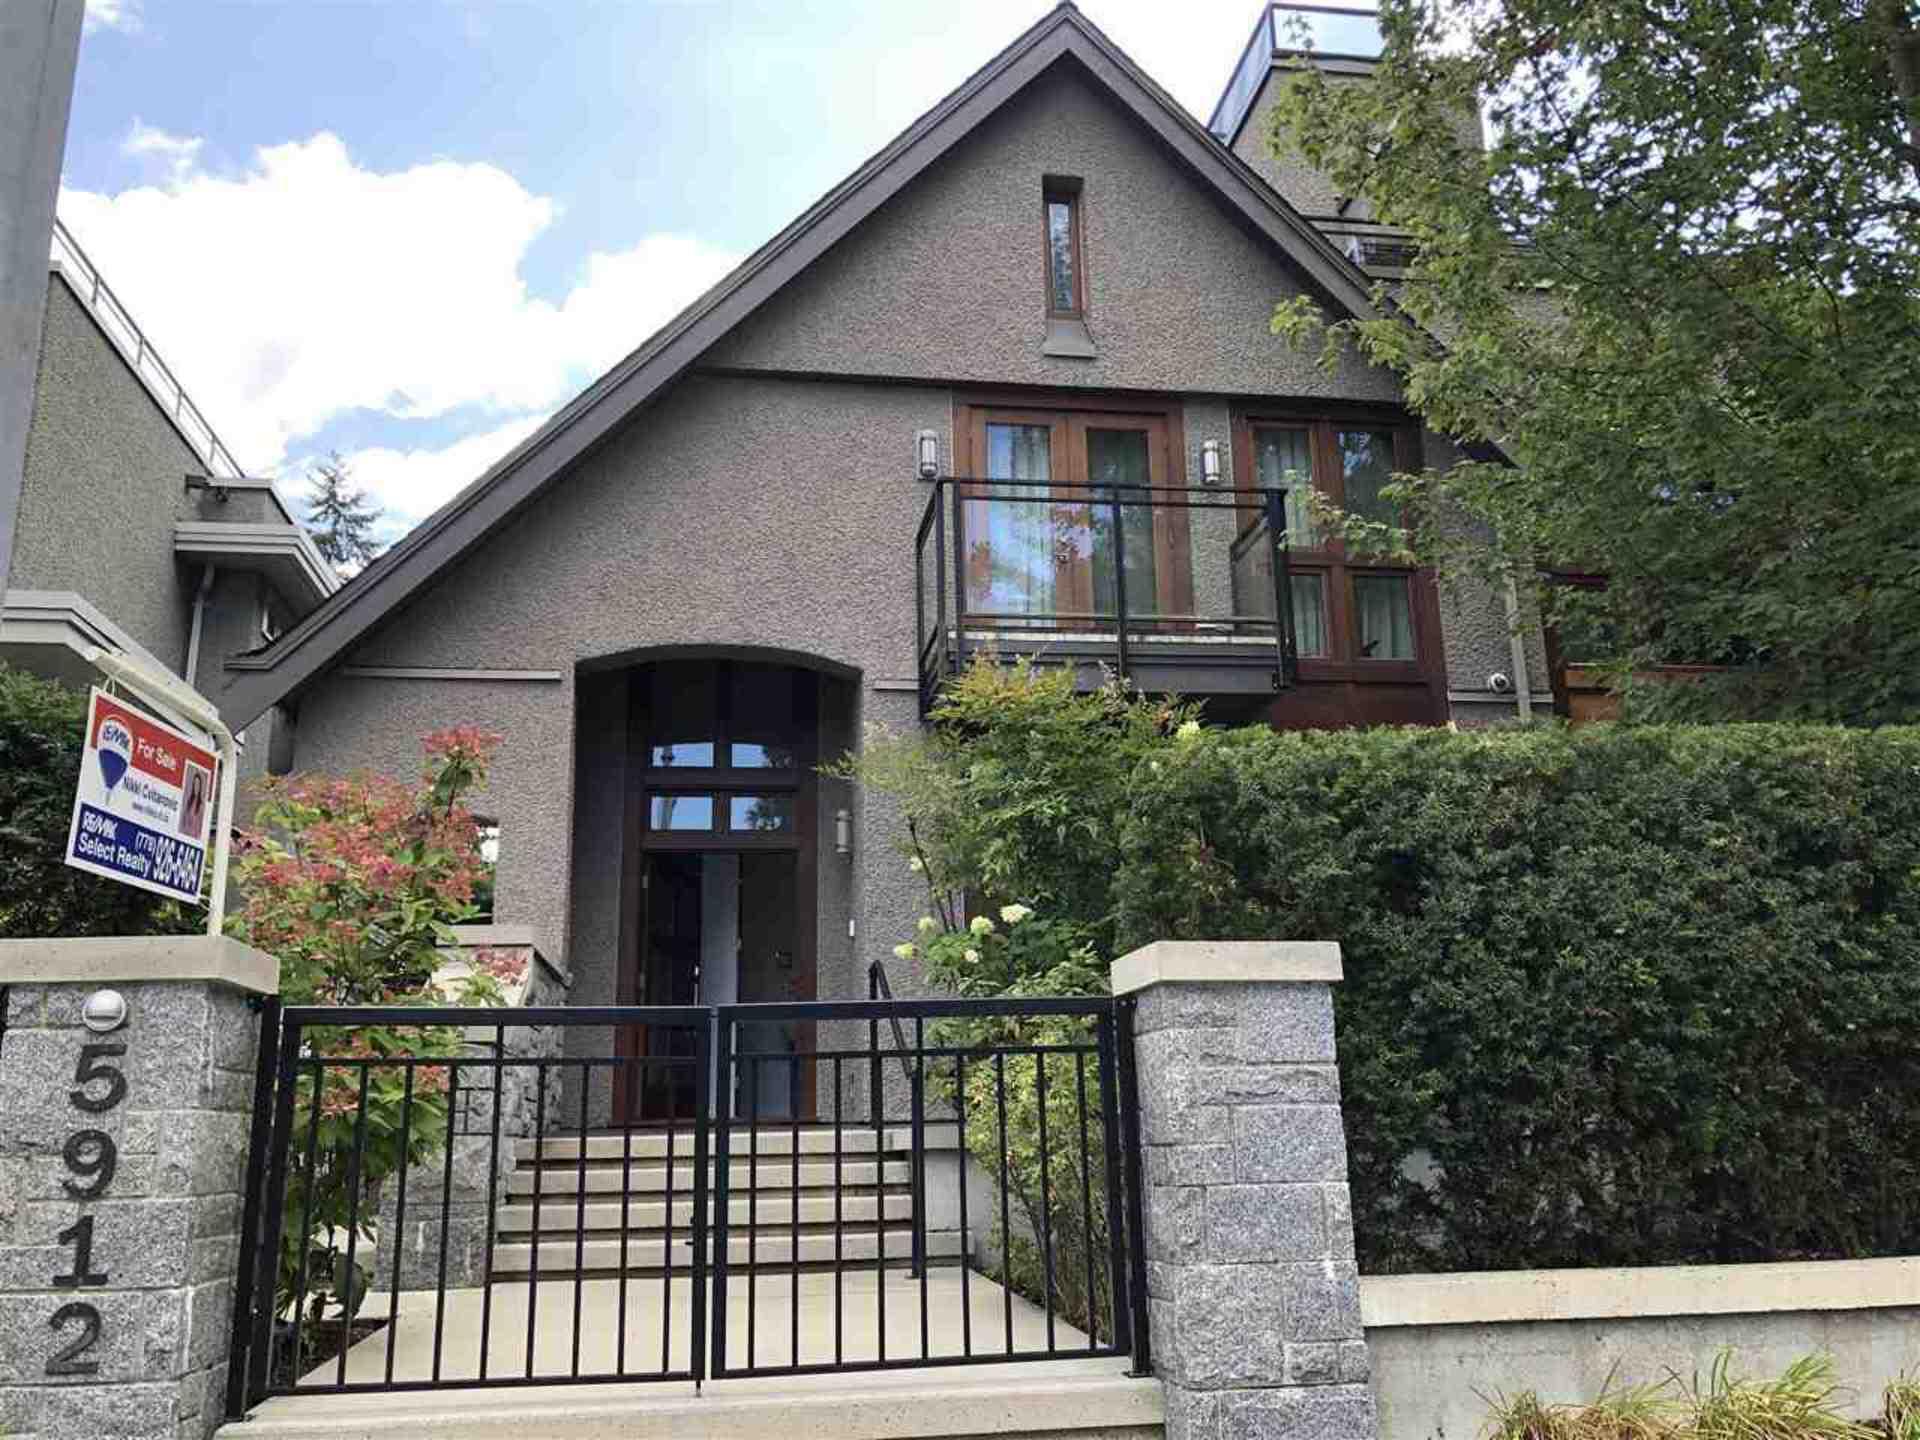 5912-chancellor-boulevard-university-vw-vancouver-west-19.jpg